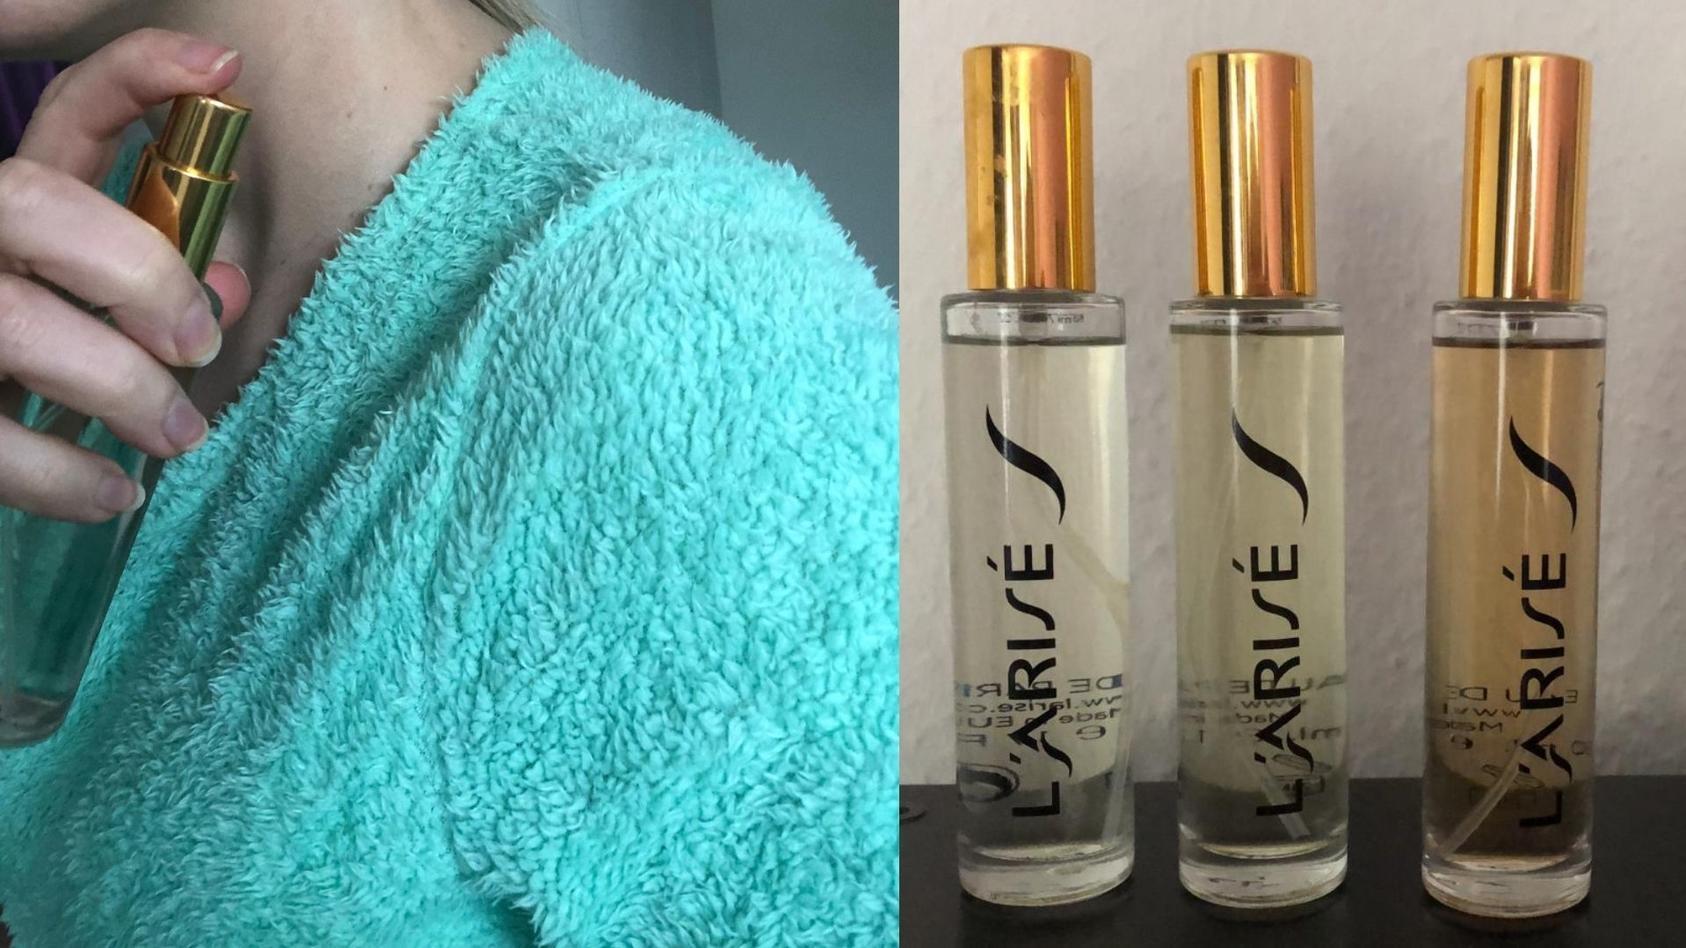 In unserem Alltags-Test haben sich Unterschiede zwischen den Parfüm-Originalen und den Dupes gezeigt.